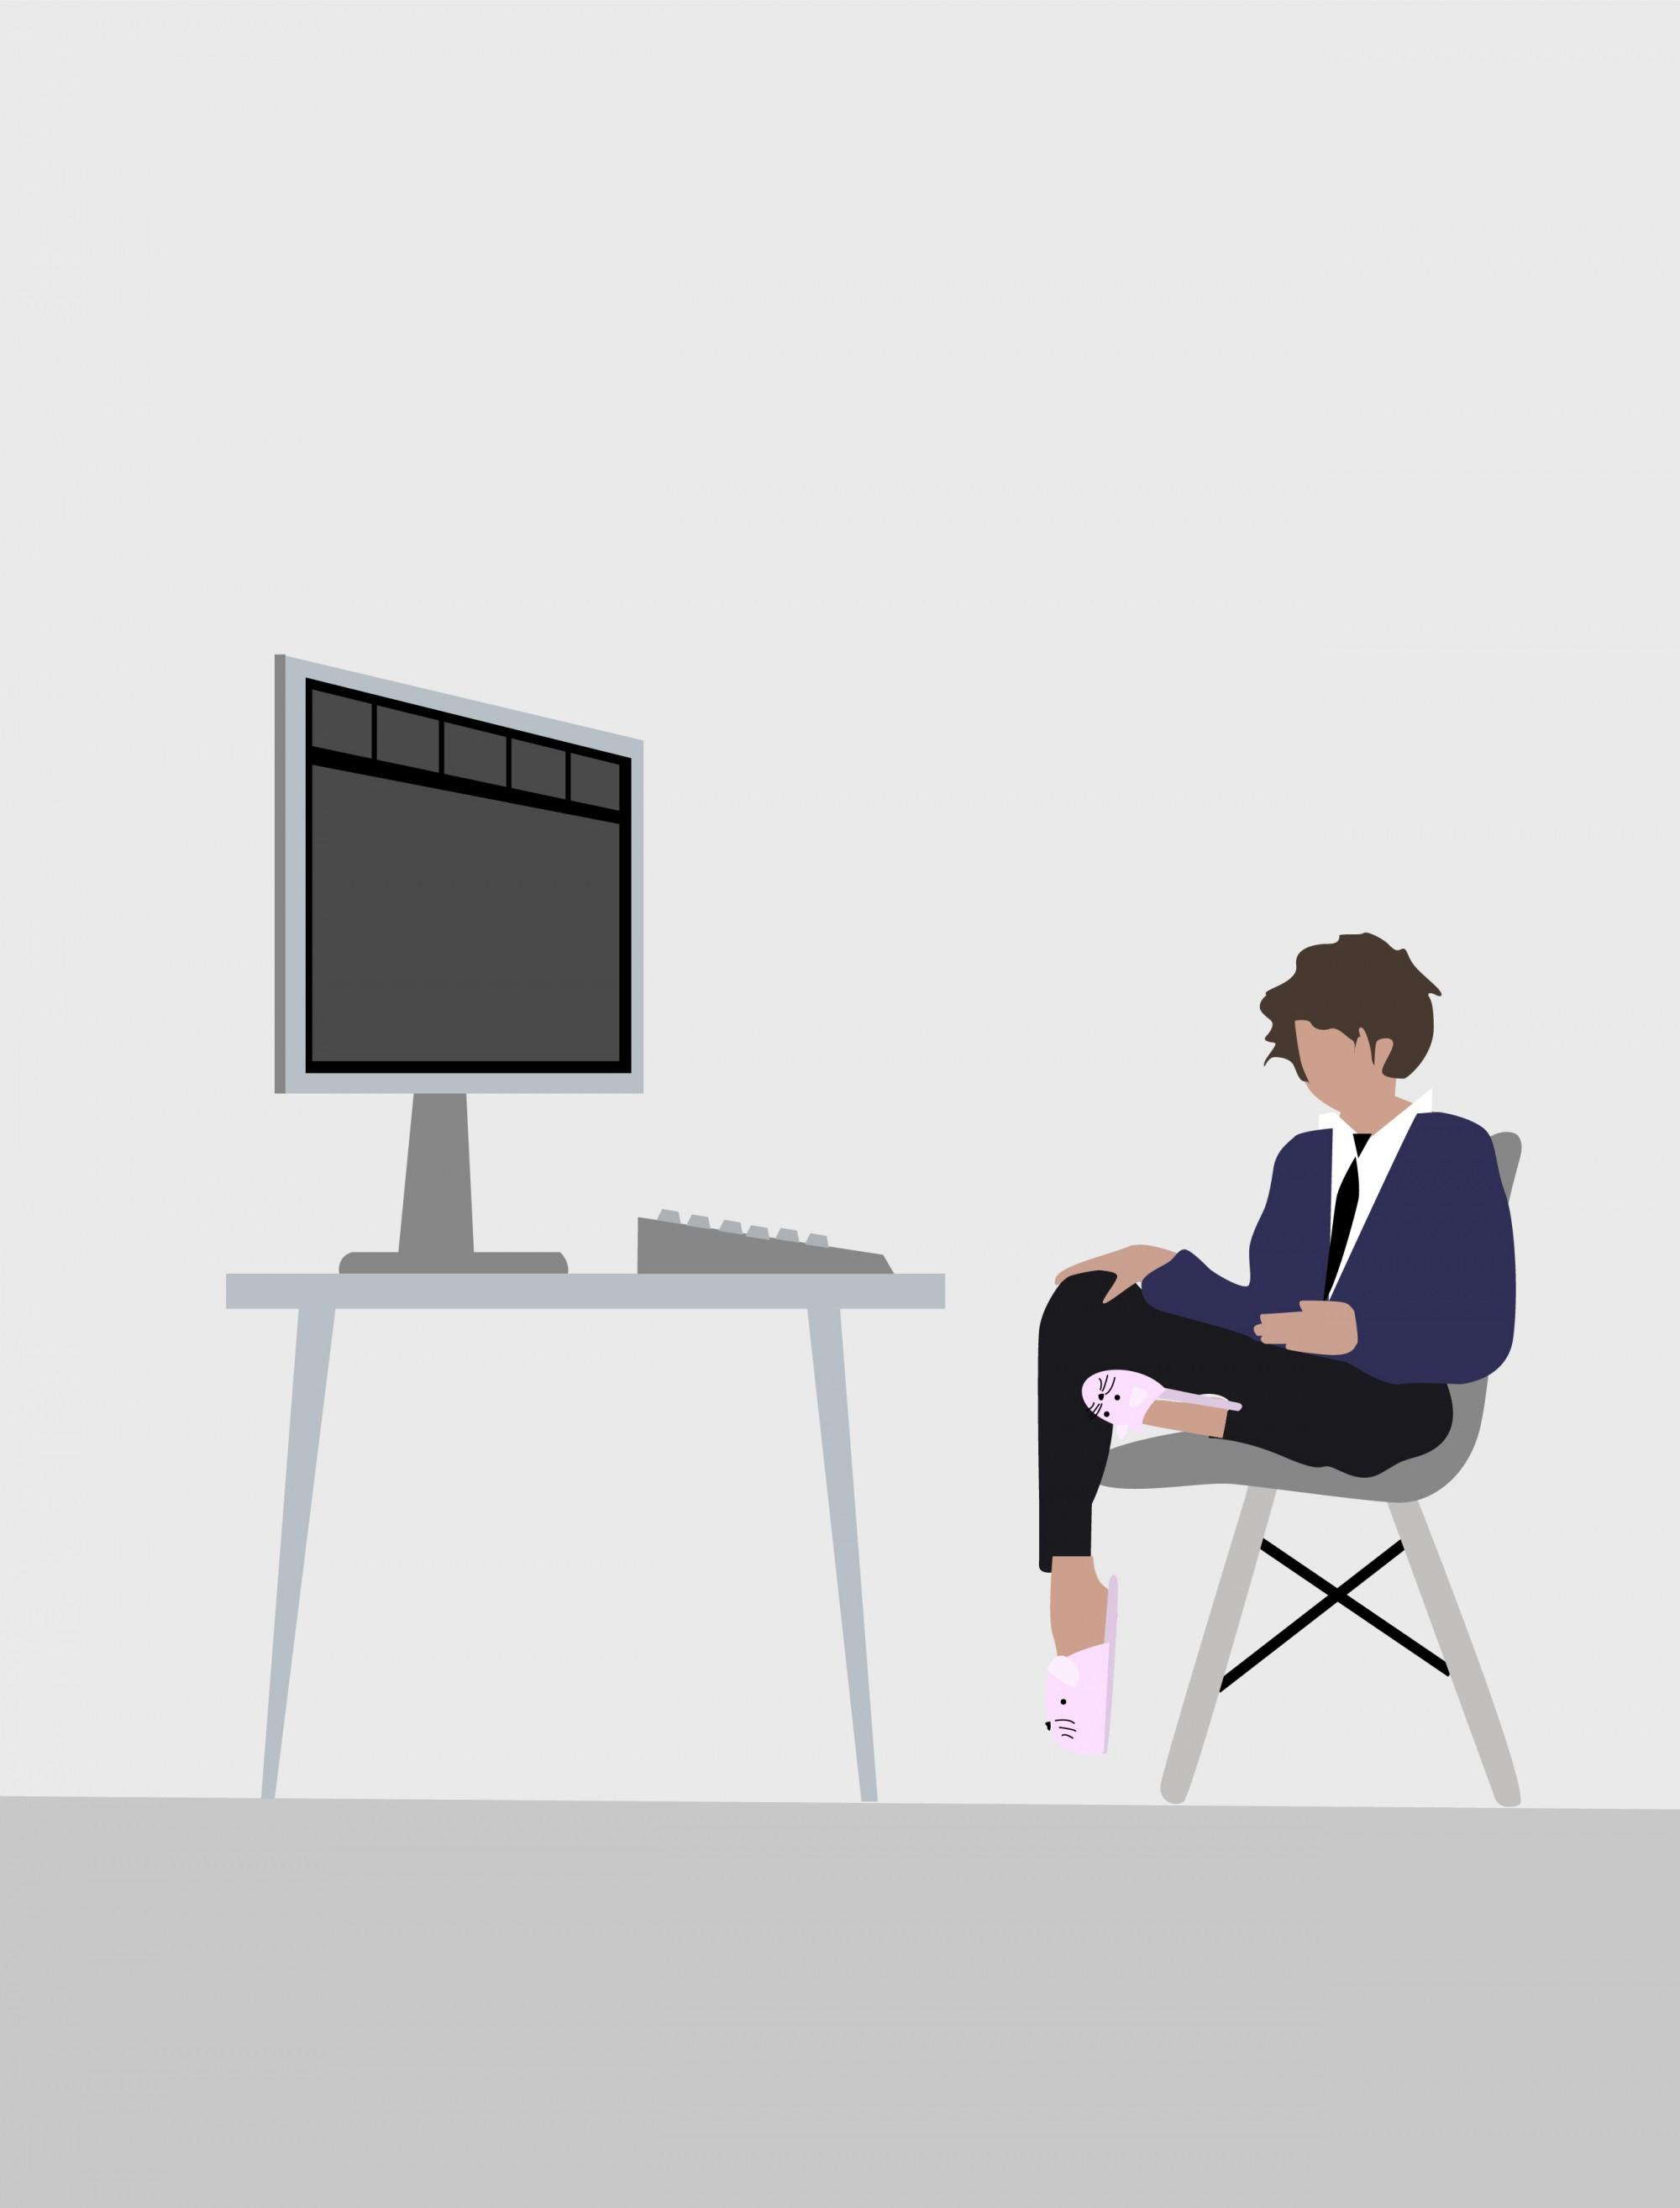 """Vom Traum des digitalen Lernens zur """"Zwangszoomerei""""?"""